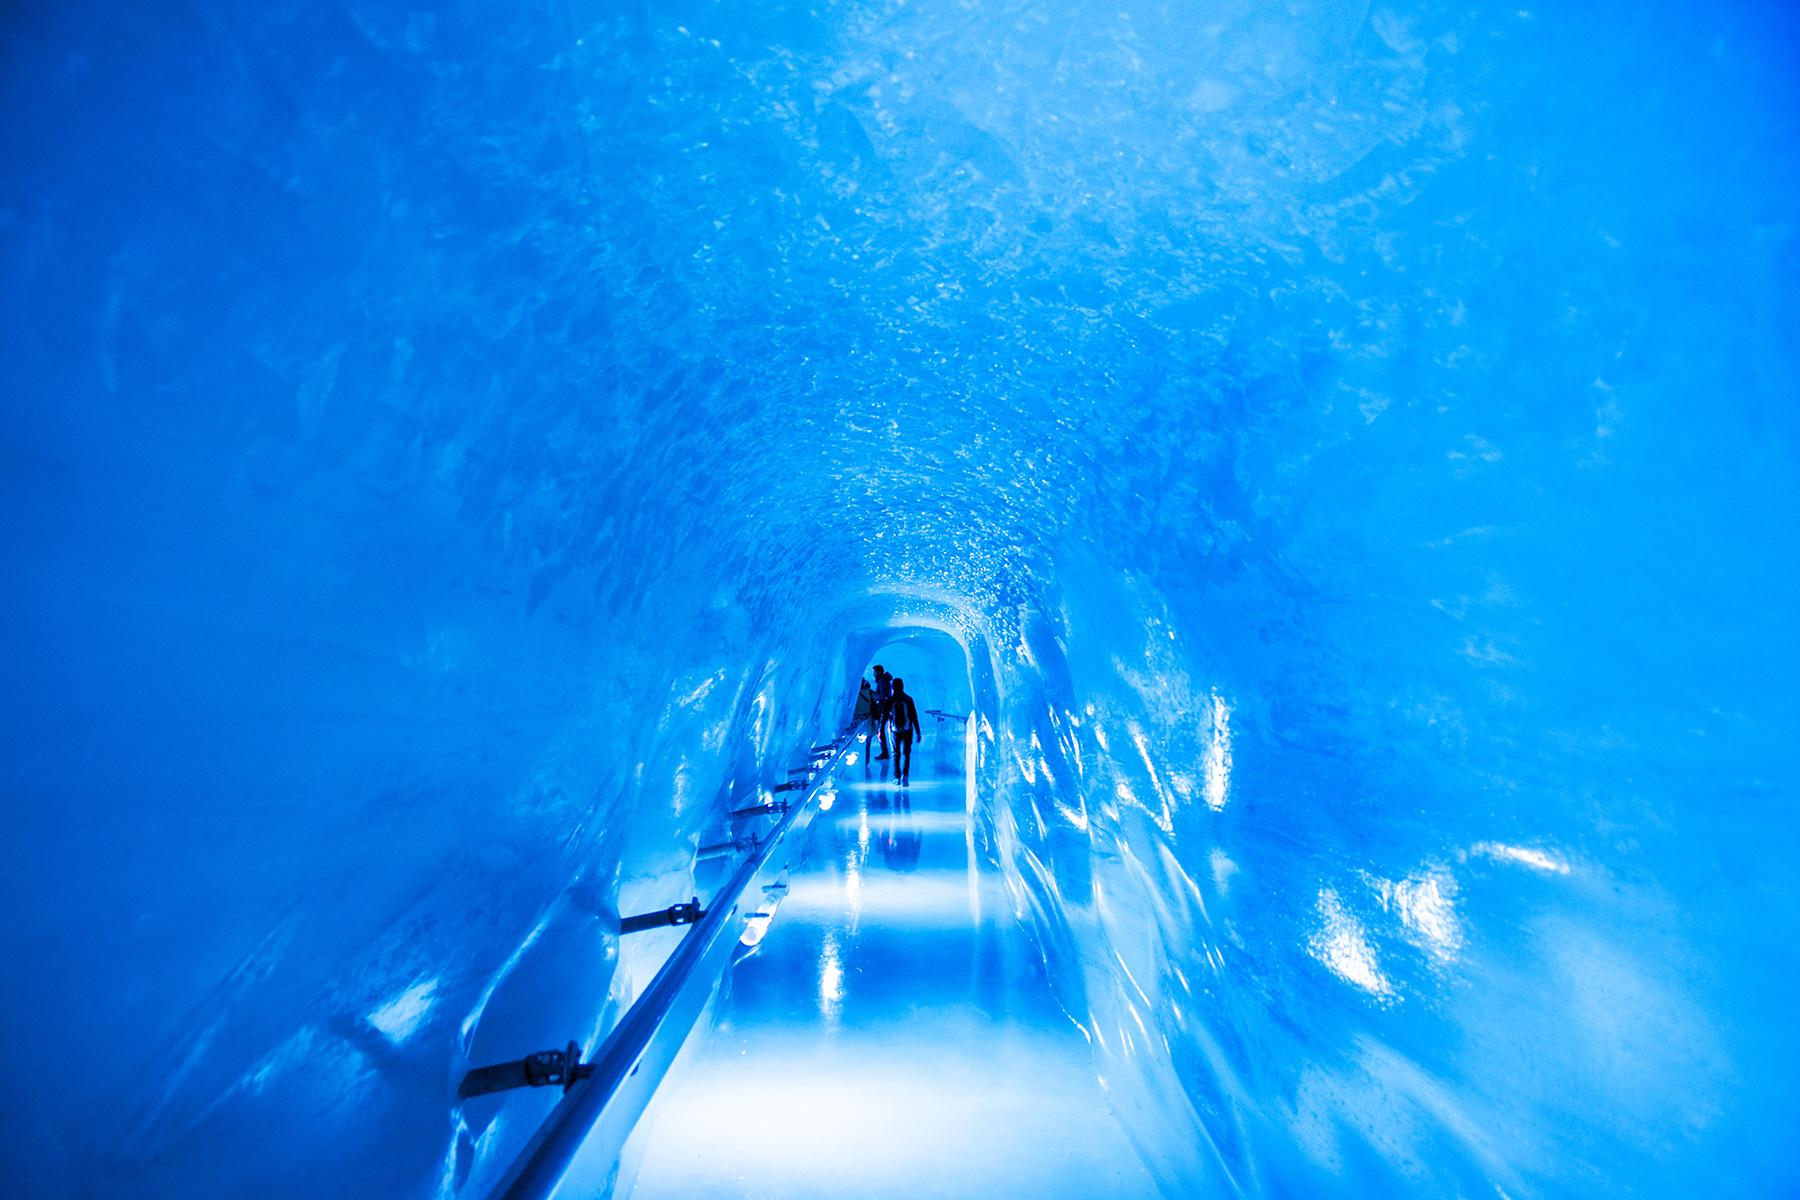 Tunnels at Junfraujoch Ice Palace